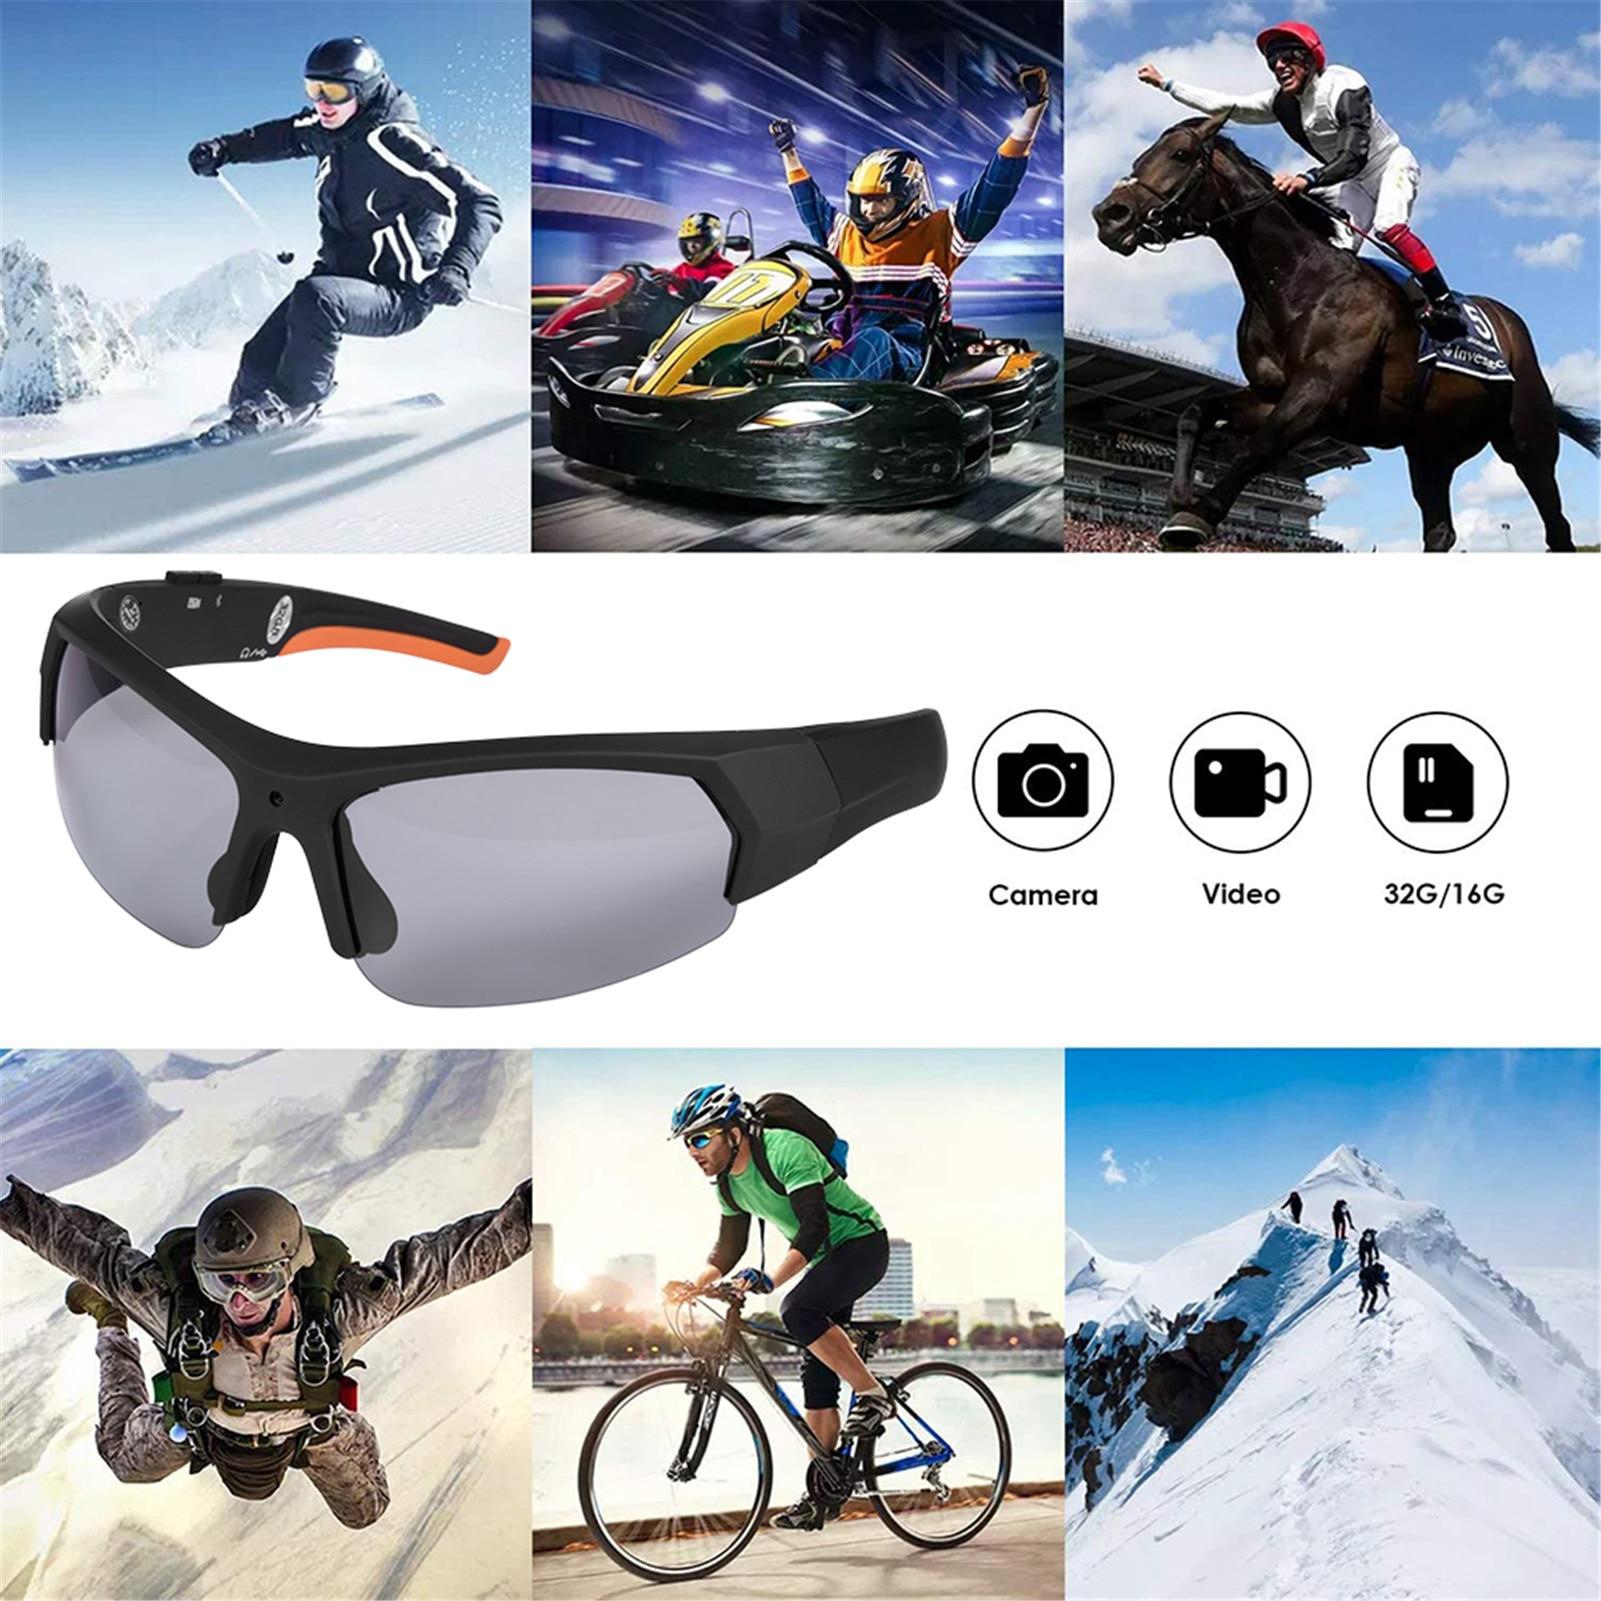 دراجة نارية بلوتوث النظارات الشمسية كاميرا المحمولة مريحة الرياضة كاميرا 1080P HD مسجل فيديو للخارجية تسلق ركوب